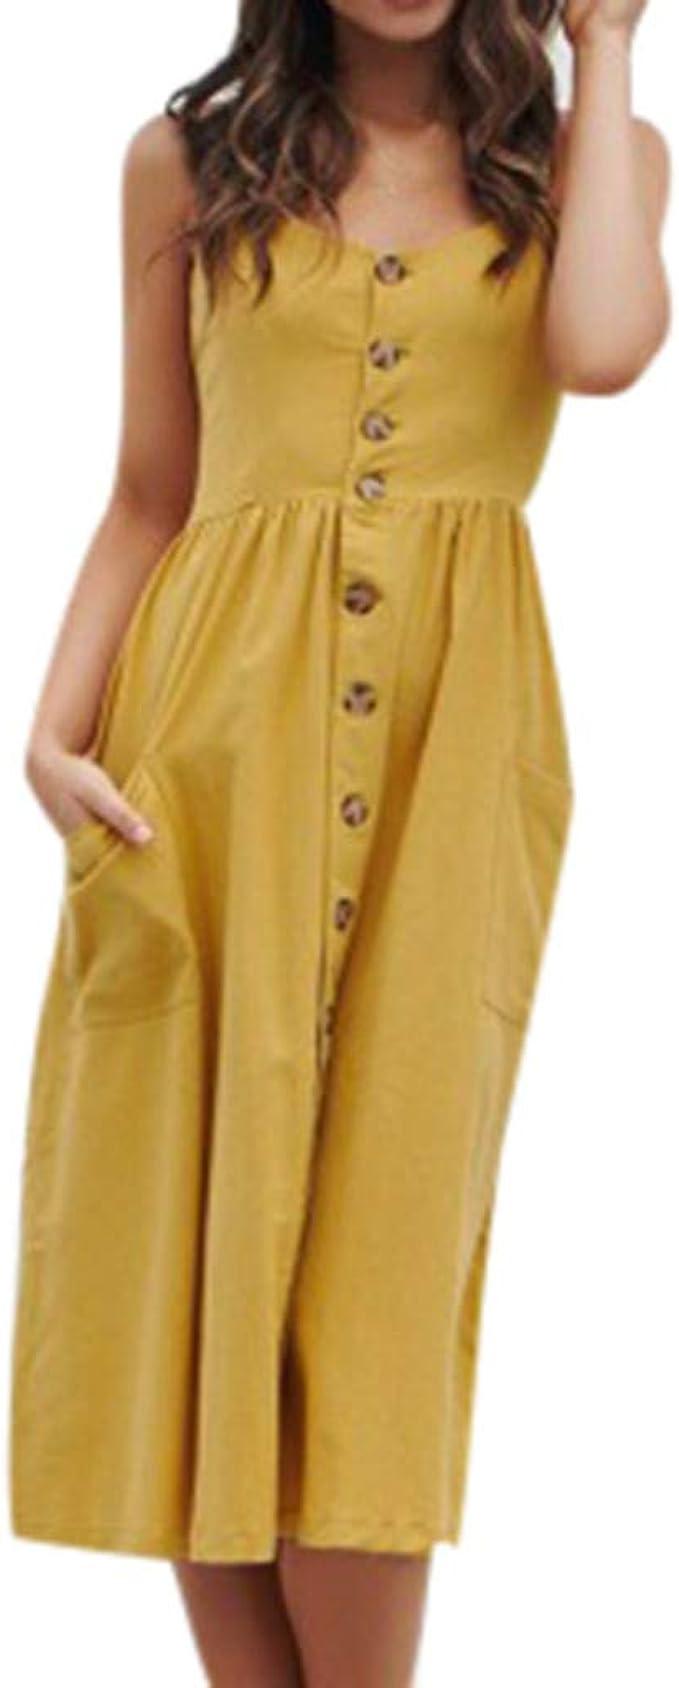 NPRADLA 13 Sommer Damen Kleid Ferien unregelmäßiges Strand Buttons  Party-Kleid